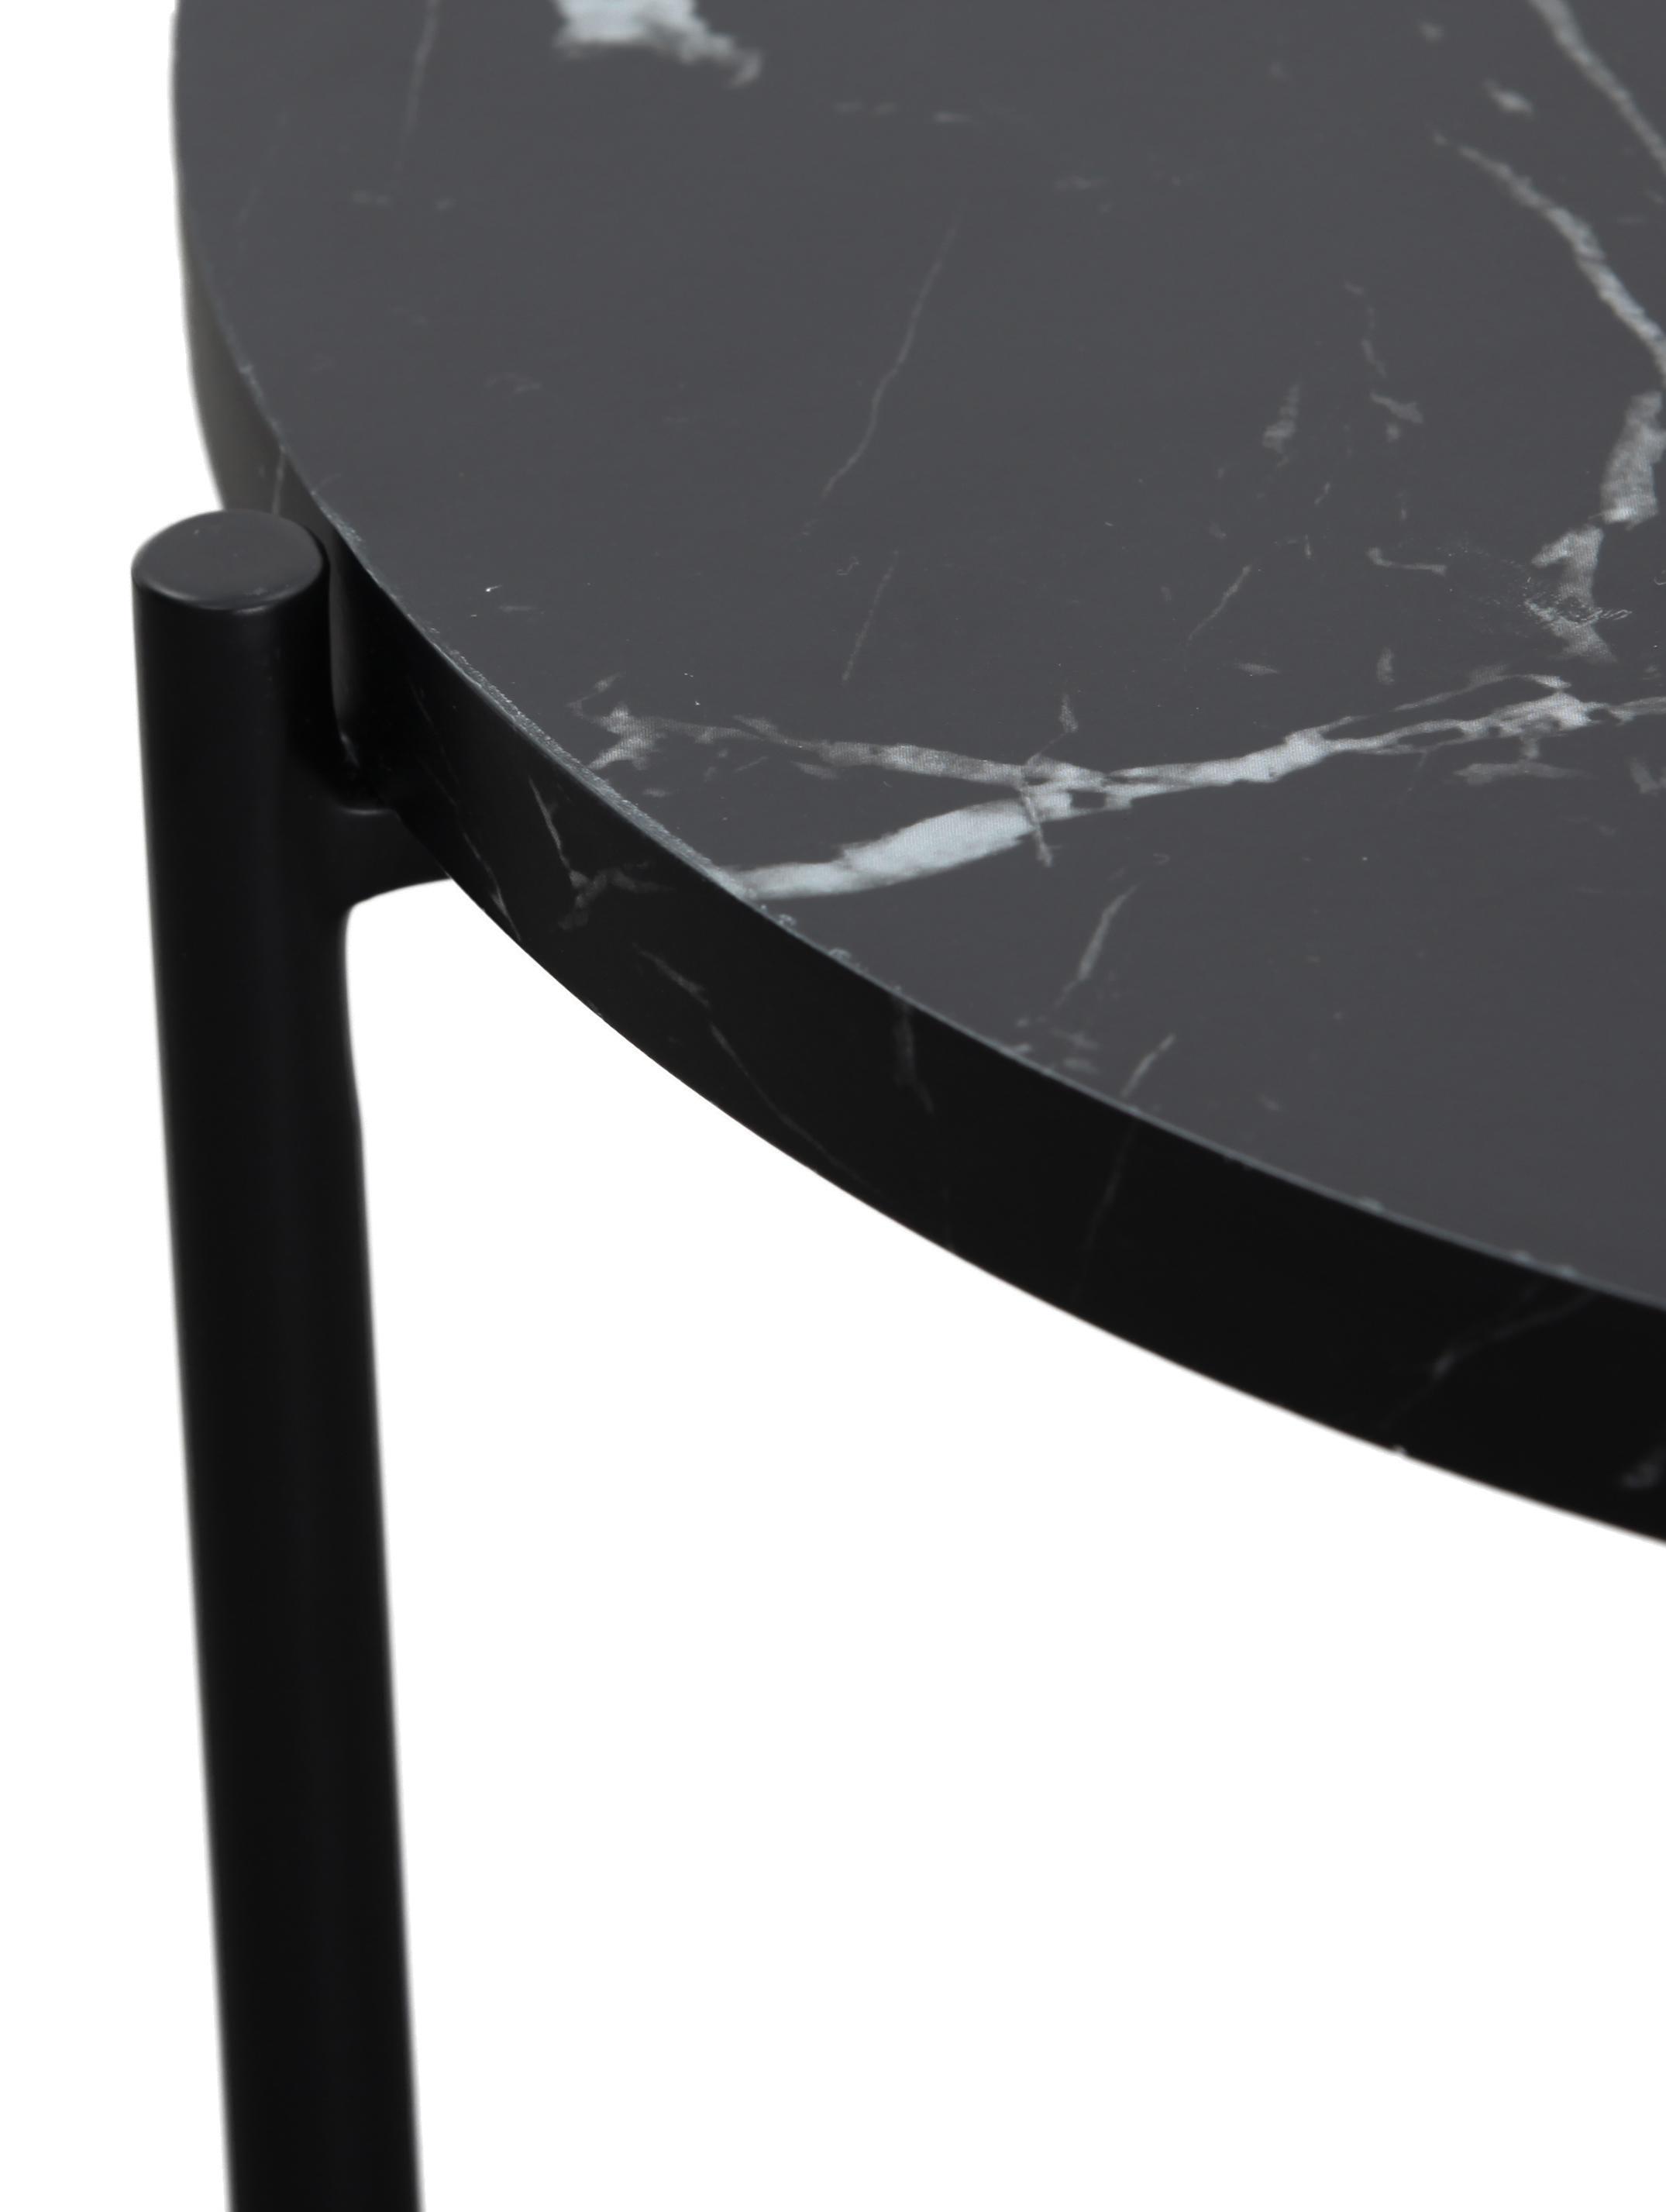 Beistelltisch Fria in Marmor-Optik, Tischplatte: Mitteldichte Holzfaserpla, Gestell: Metall, pulverbeschichtet, Tischplatte: Schwarz, marmoriert, matt Gestell: Schwarz, matt, Ø 45 x H 46 cm